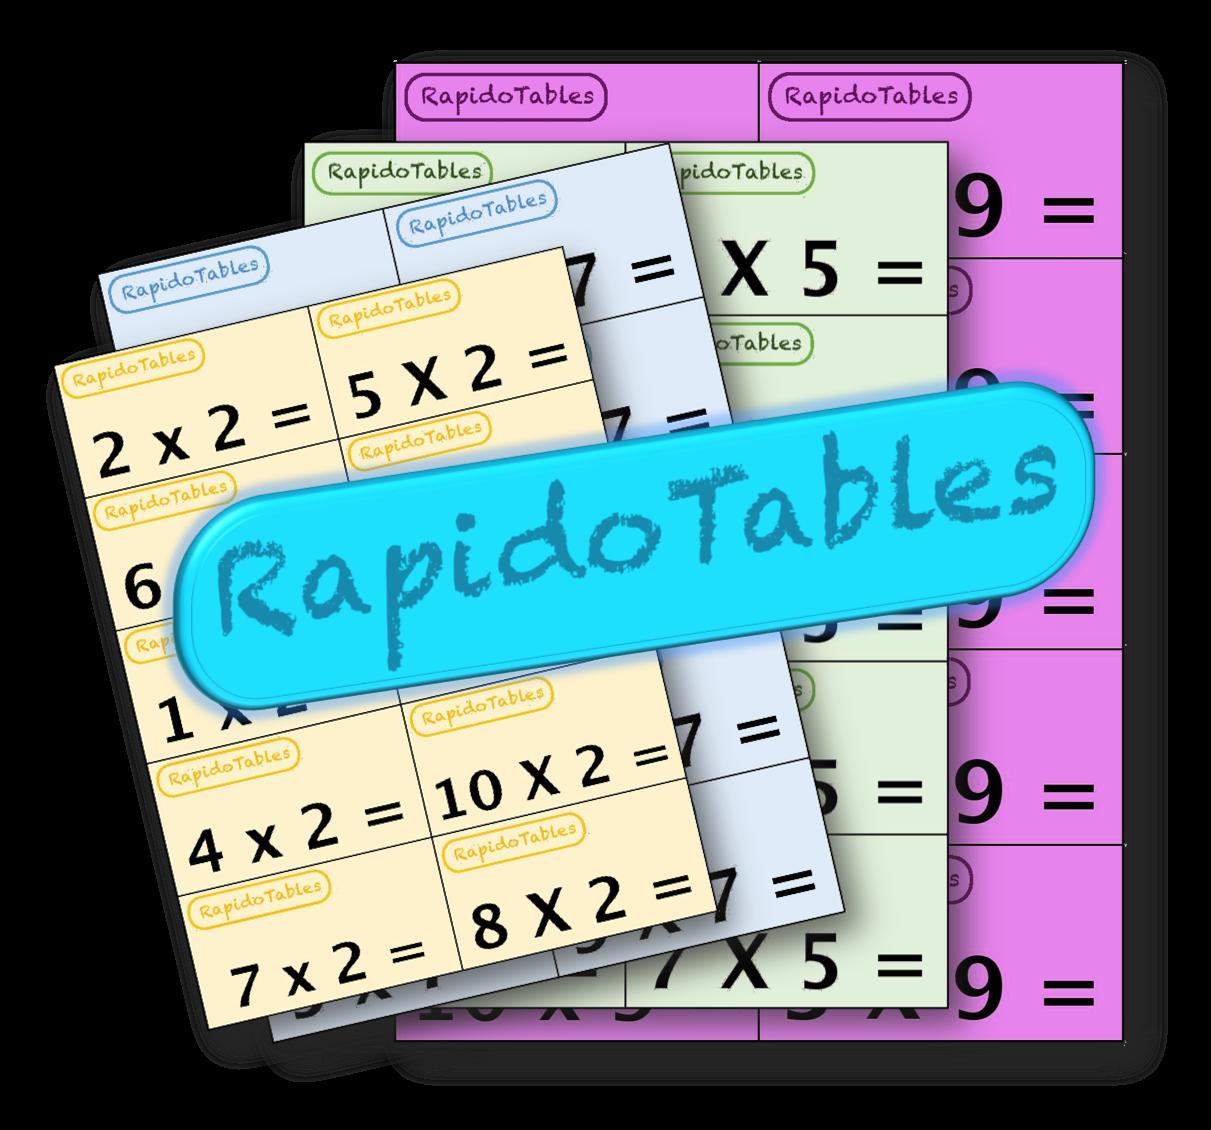 Rapidotables jeu sur les tables de multiplication l - Jeu des tables de multiplication ...